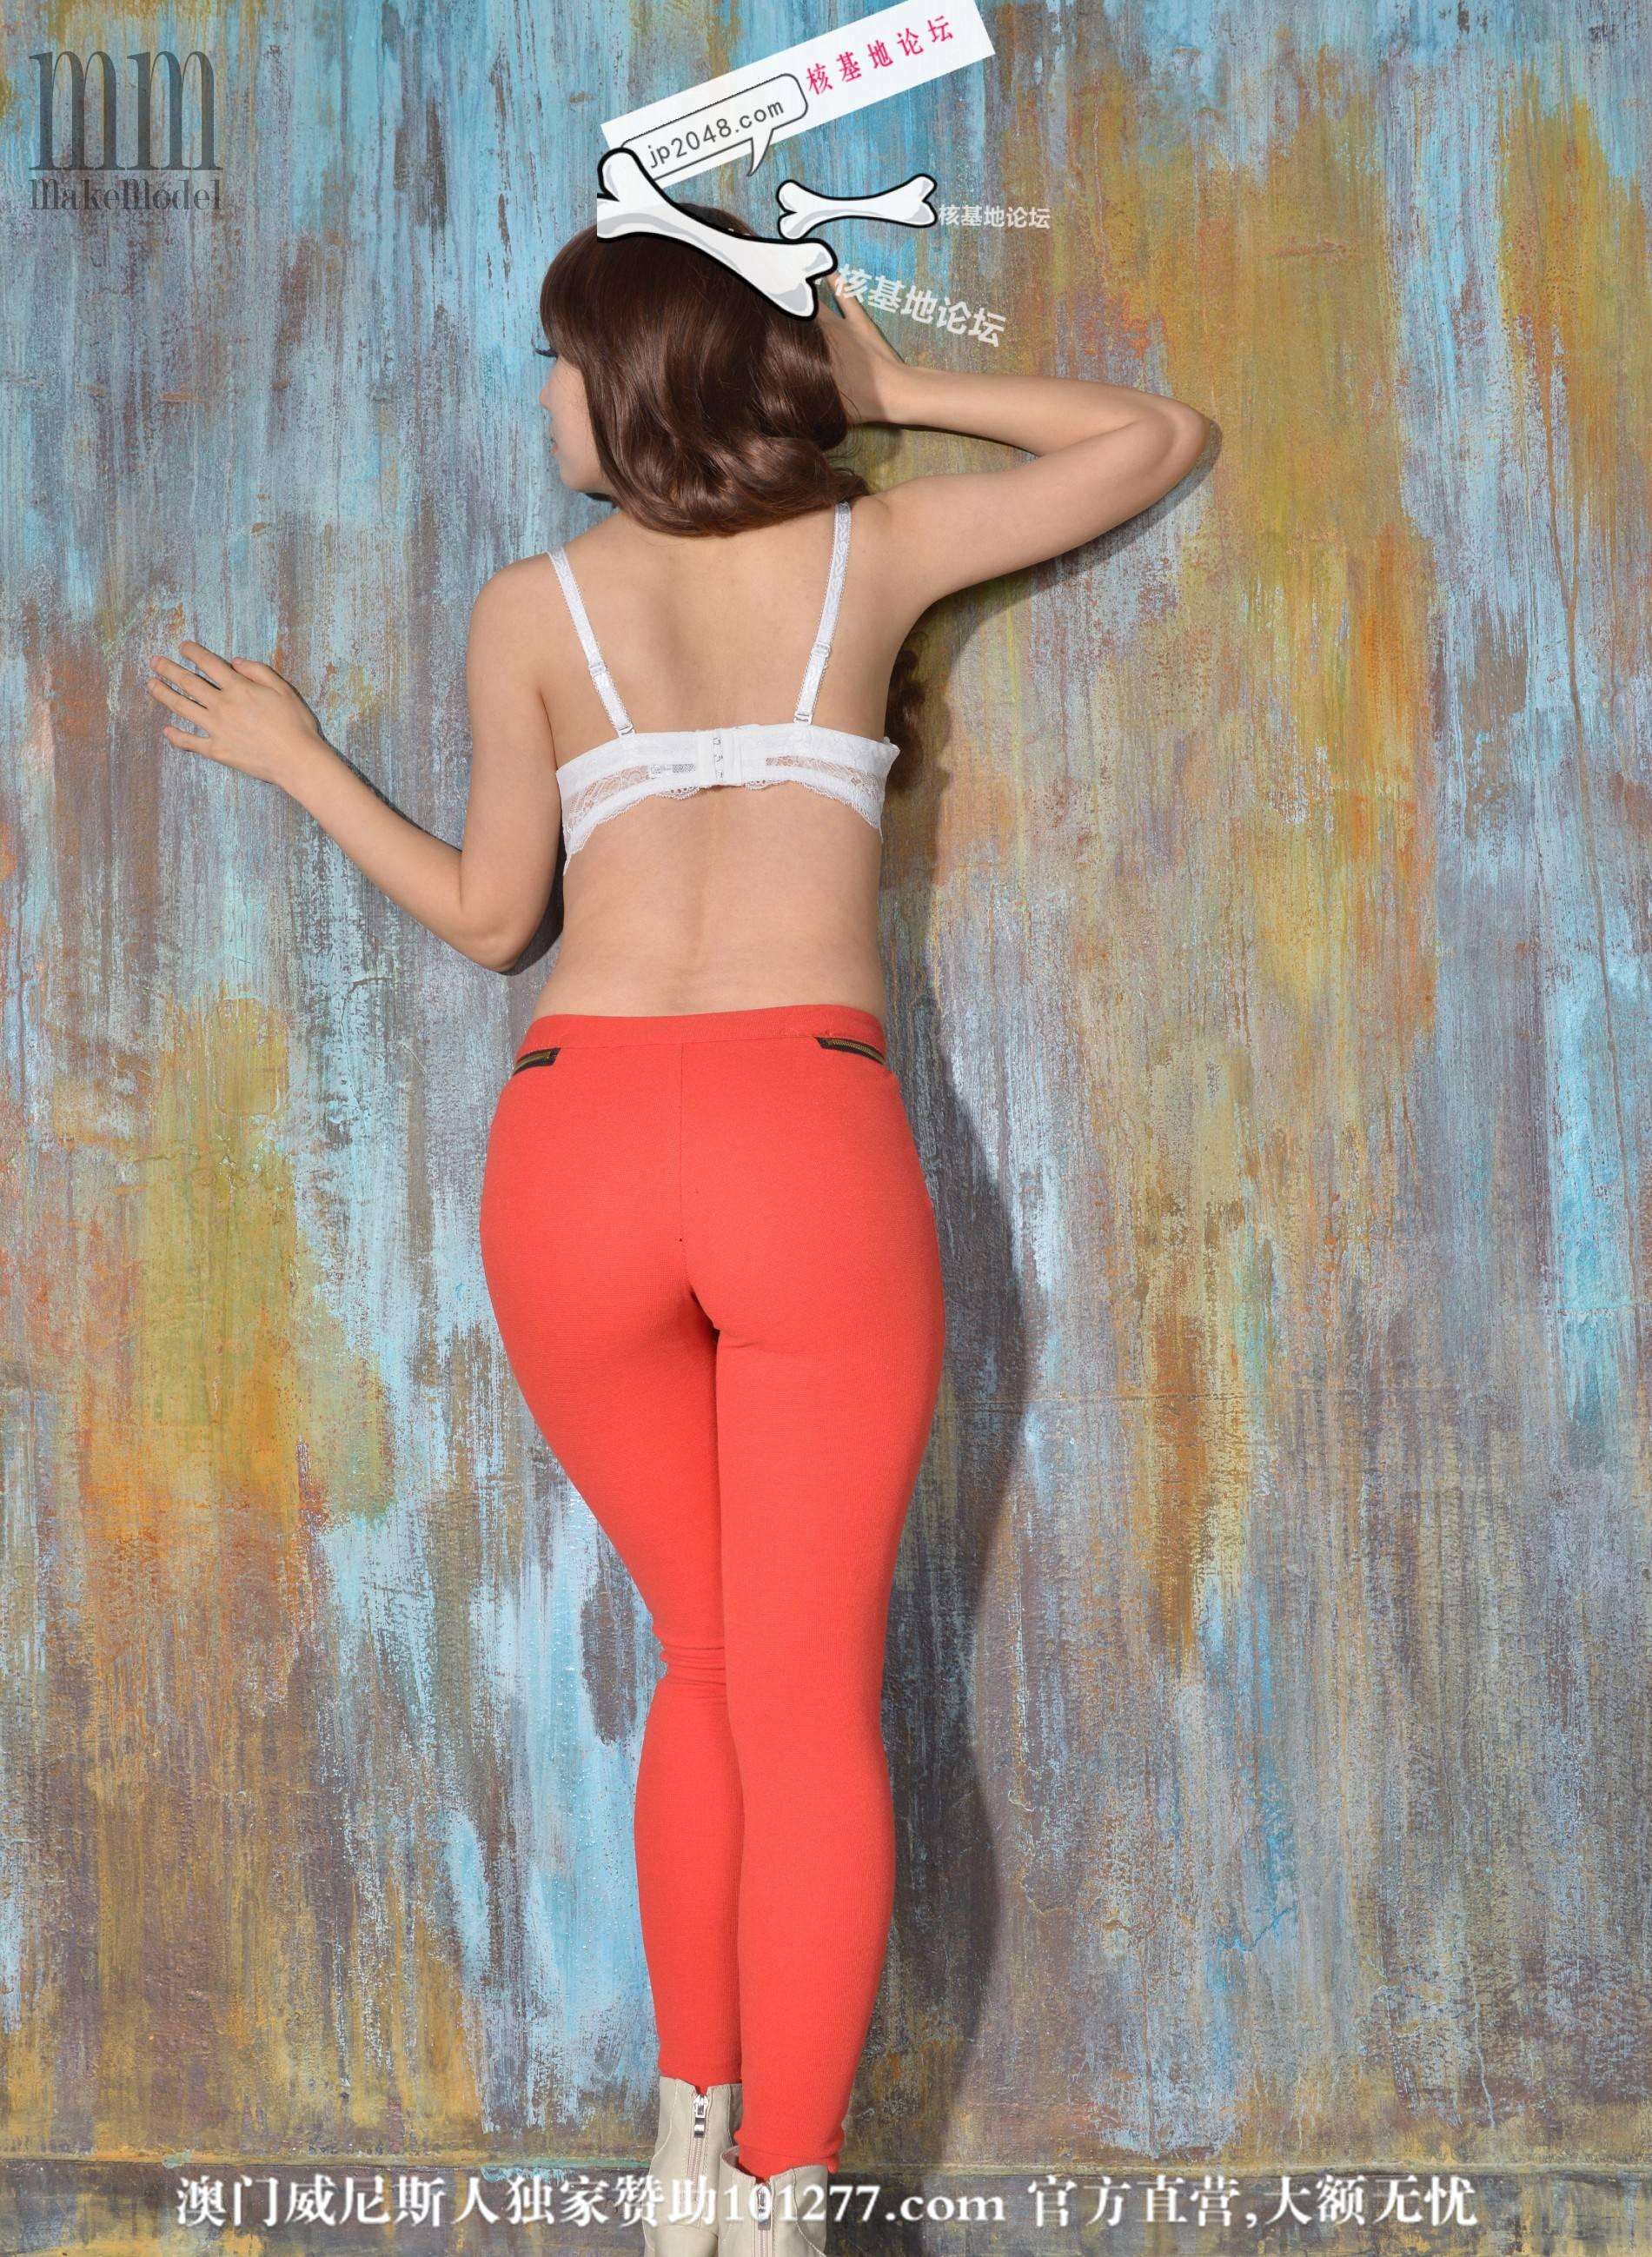 橘色长裤模特03【13p】